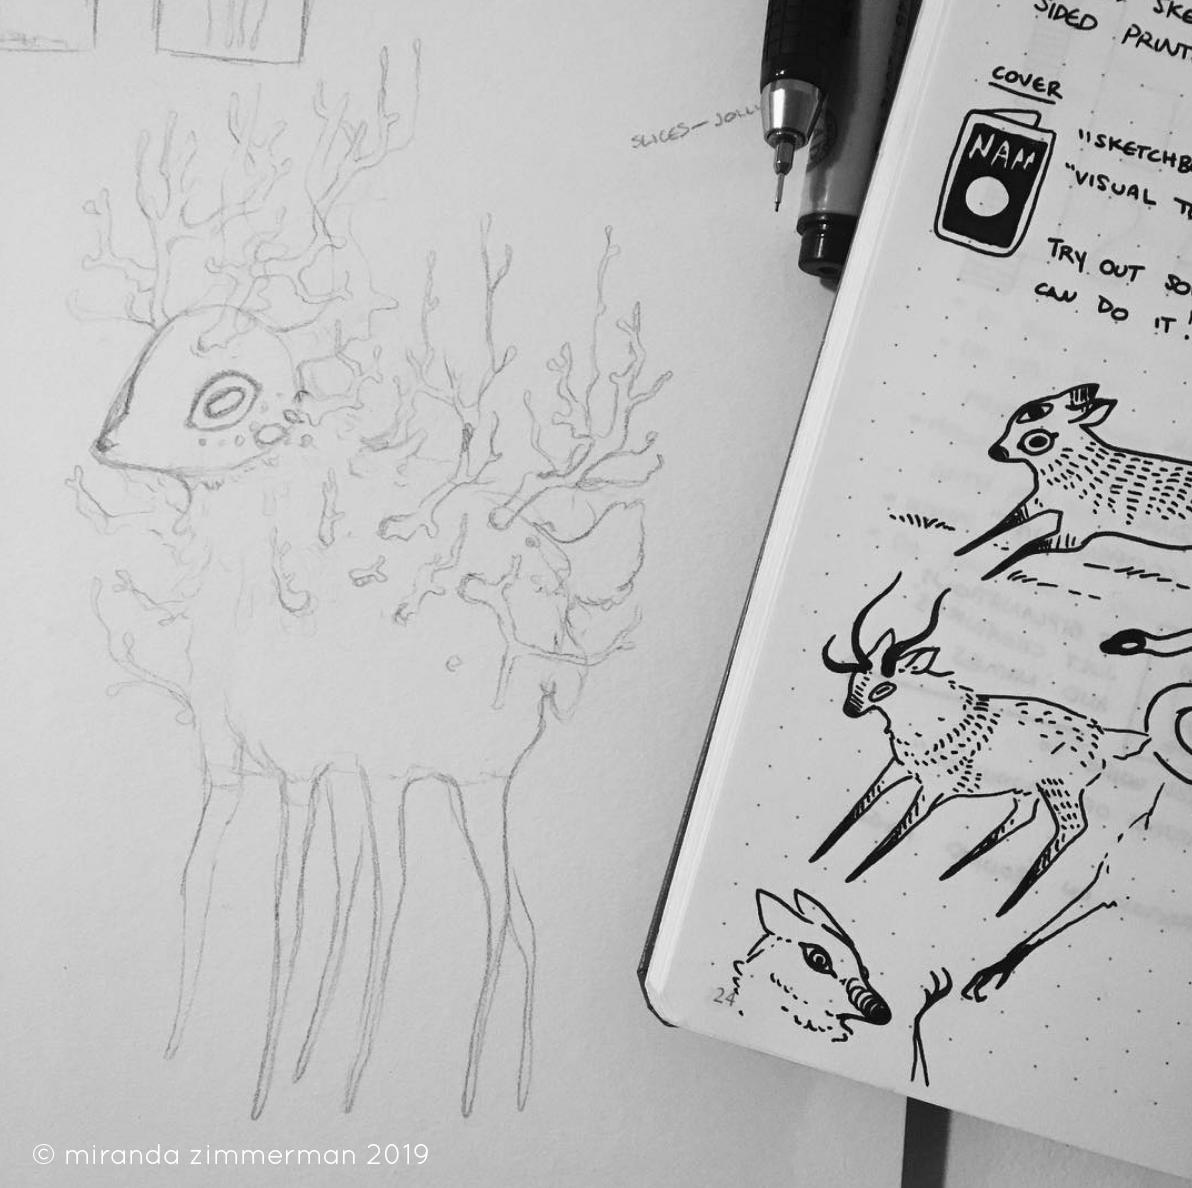 May2019_Sketchbook3.png